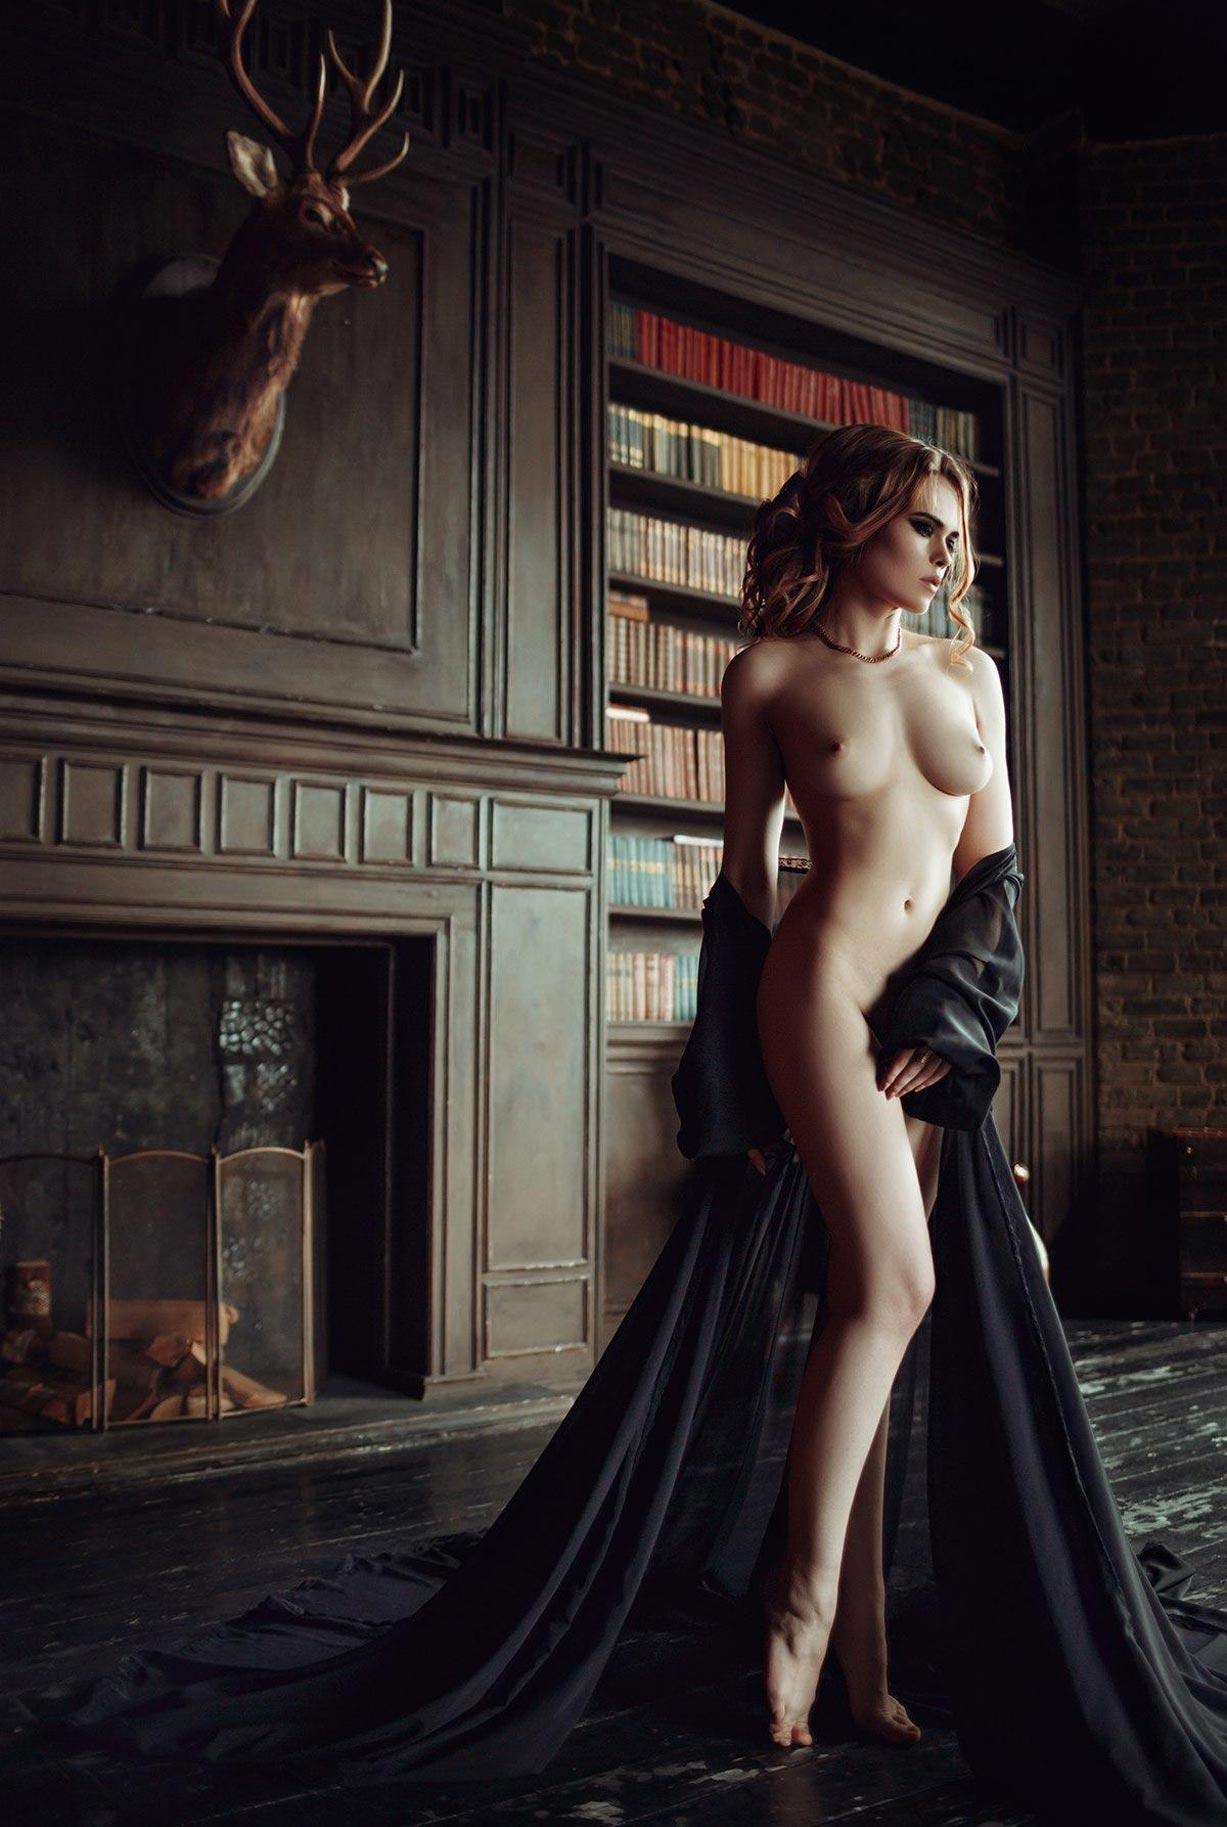 голая модель в винтажных интерьерах / сексуальная Эллина Мюллер / фото 20